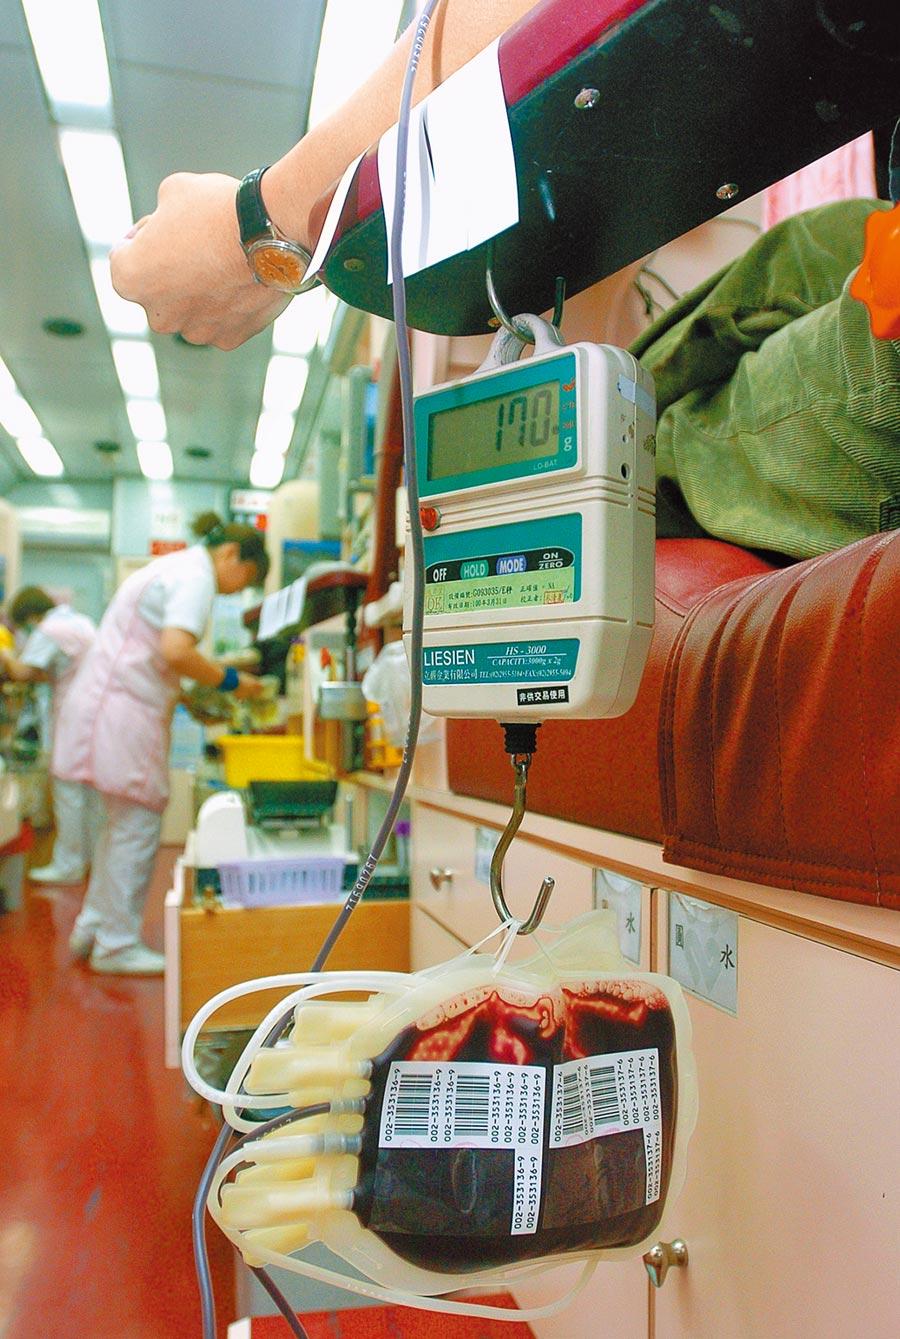 中央流行疫情指揮中心除將大陸、香港、澳門列為三級警告旅遊區外,新增新加坡為二級警示旅遊區,為考量用血安全,血液基金會公告自即日起,凡近期曾到訪中、港、澳及新加坡的民眾,需於離開該地區後暫緩捐血28天。(本報資料照片)